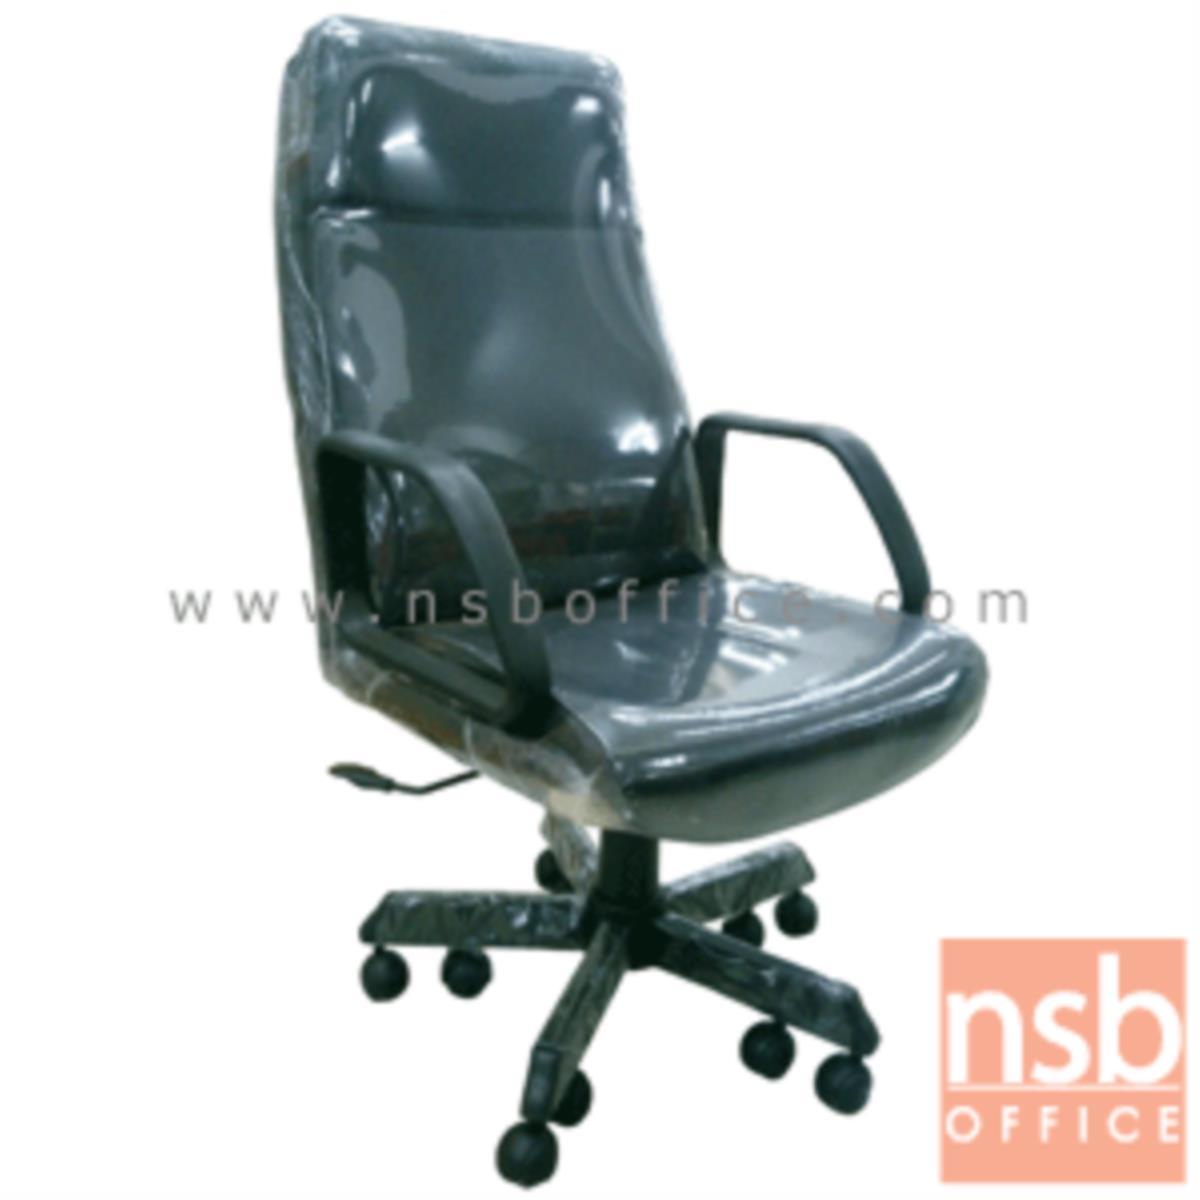 B14A016:เก้าอี้สำนักงาน รุ่น Tinsley  โช๊คแก๊ส ขาเหล็ก 10 ล้อ